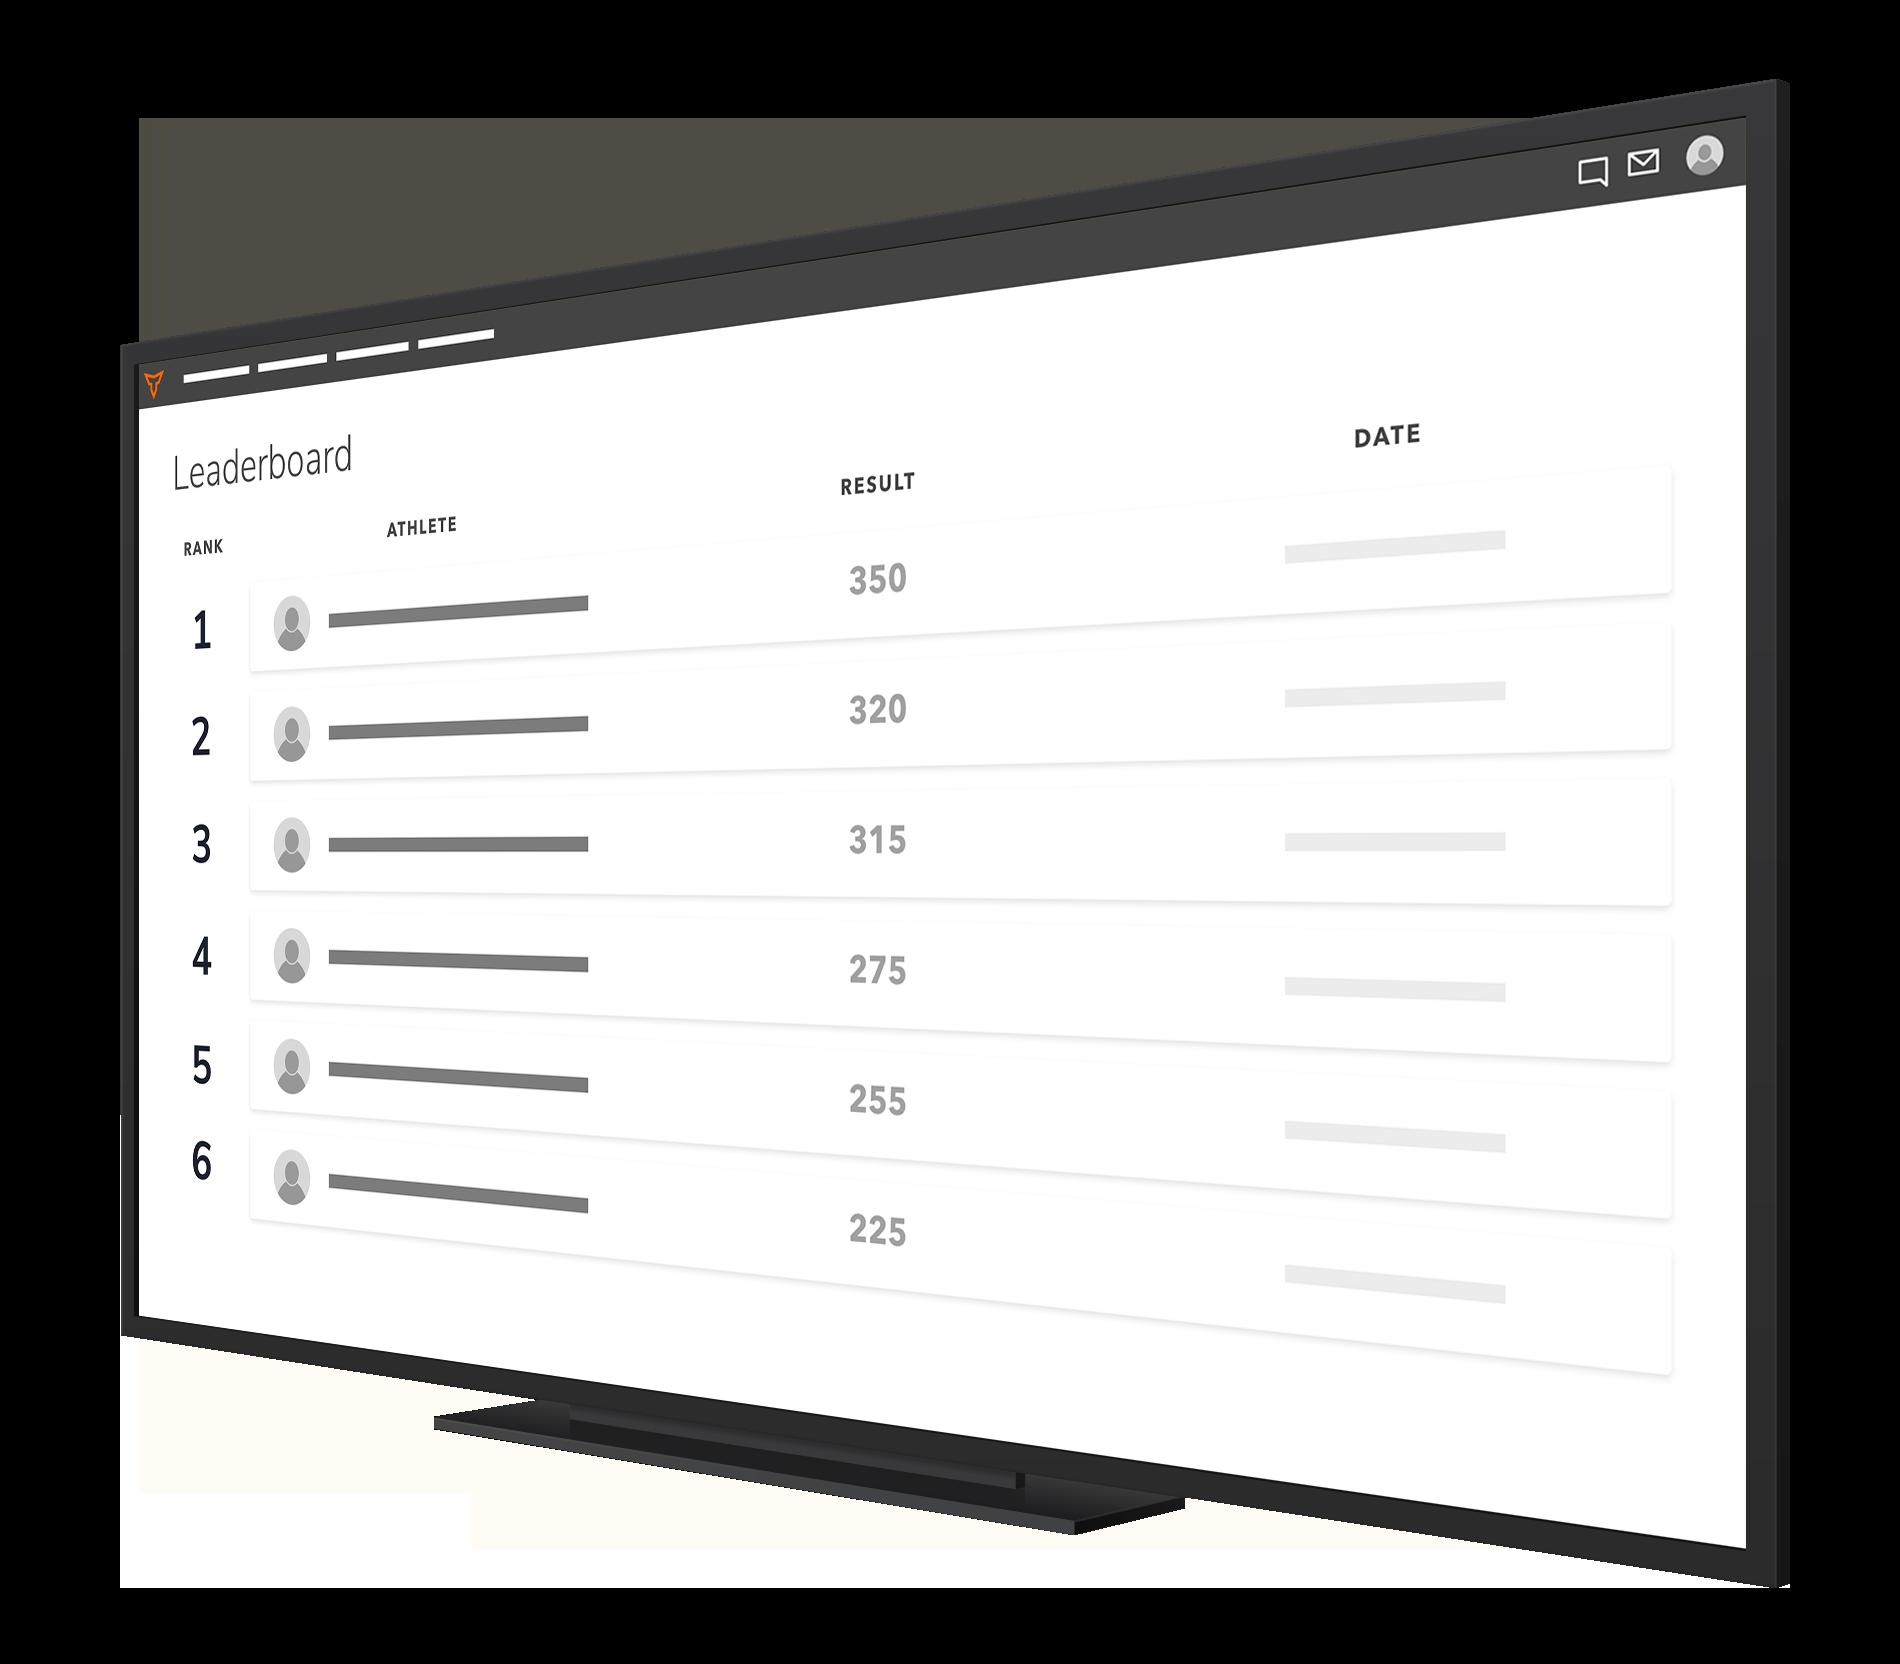 Leaderboard-angle (no padding)